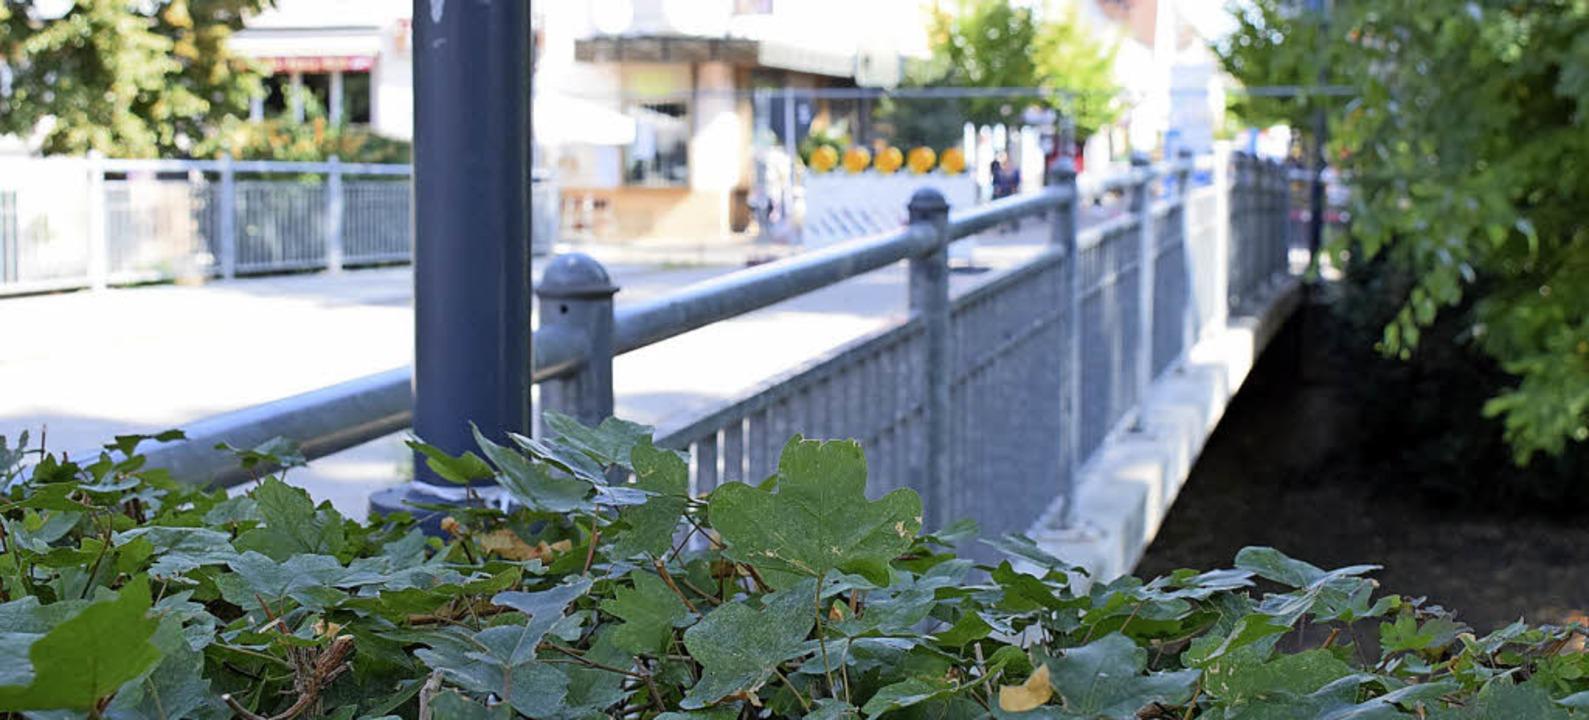 Der Neubau der Bernhardusbrücke soll breiter werden.     Foto: Frank Schoch